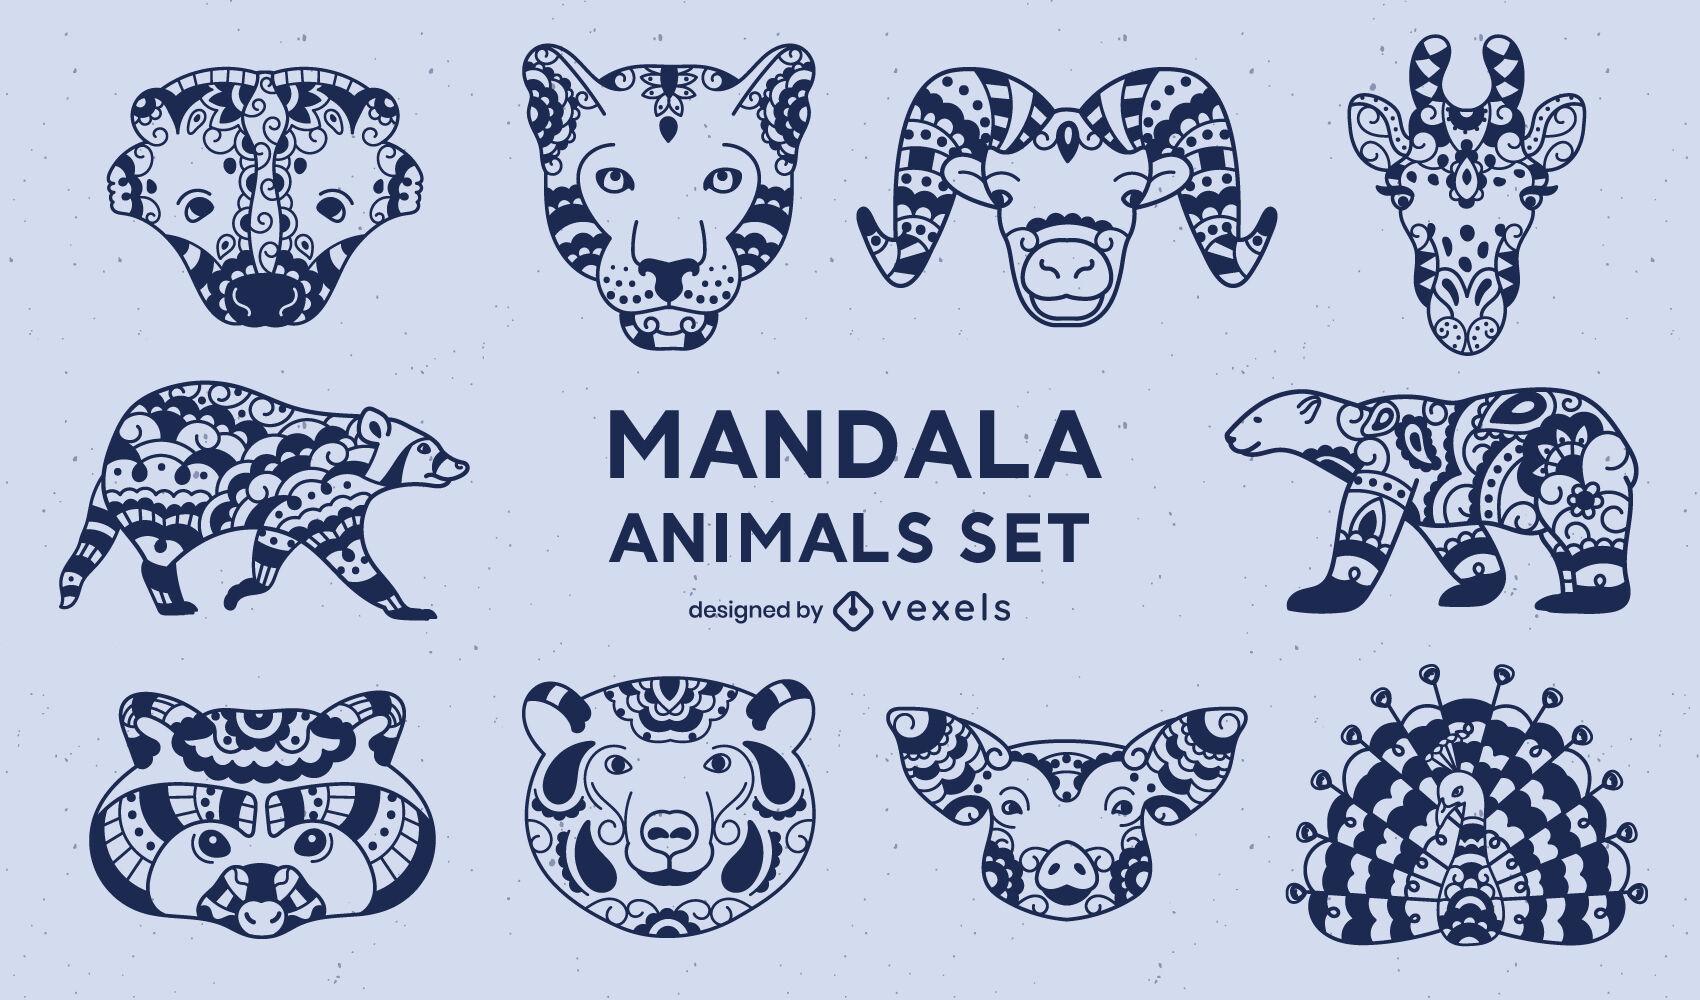 Animals in mandala style set